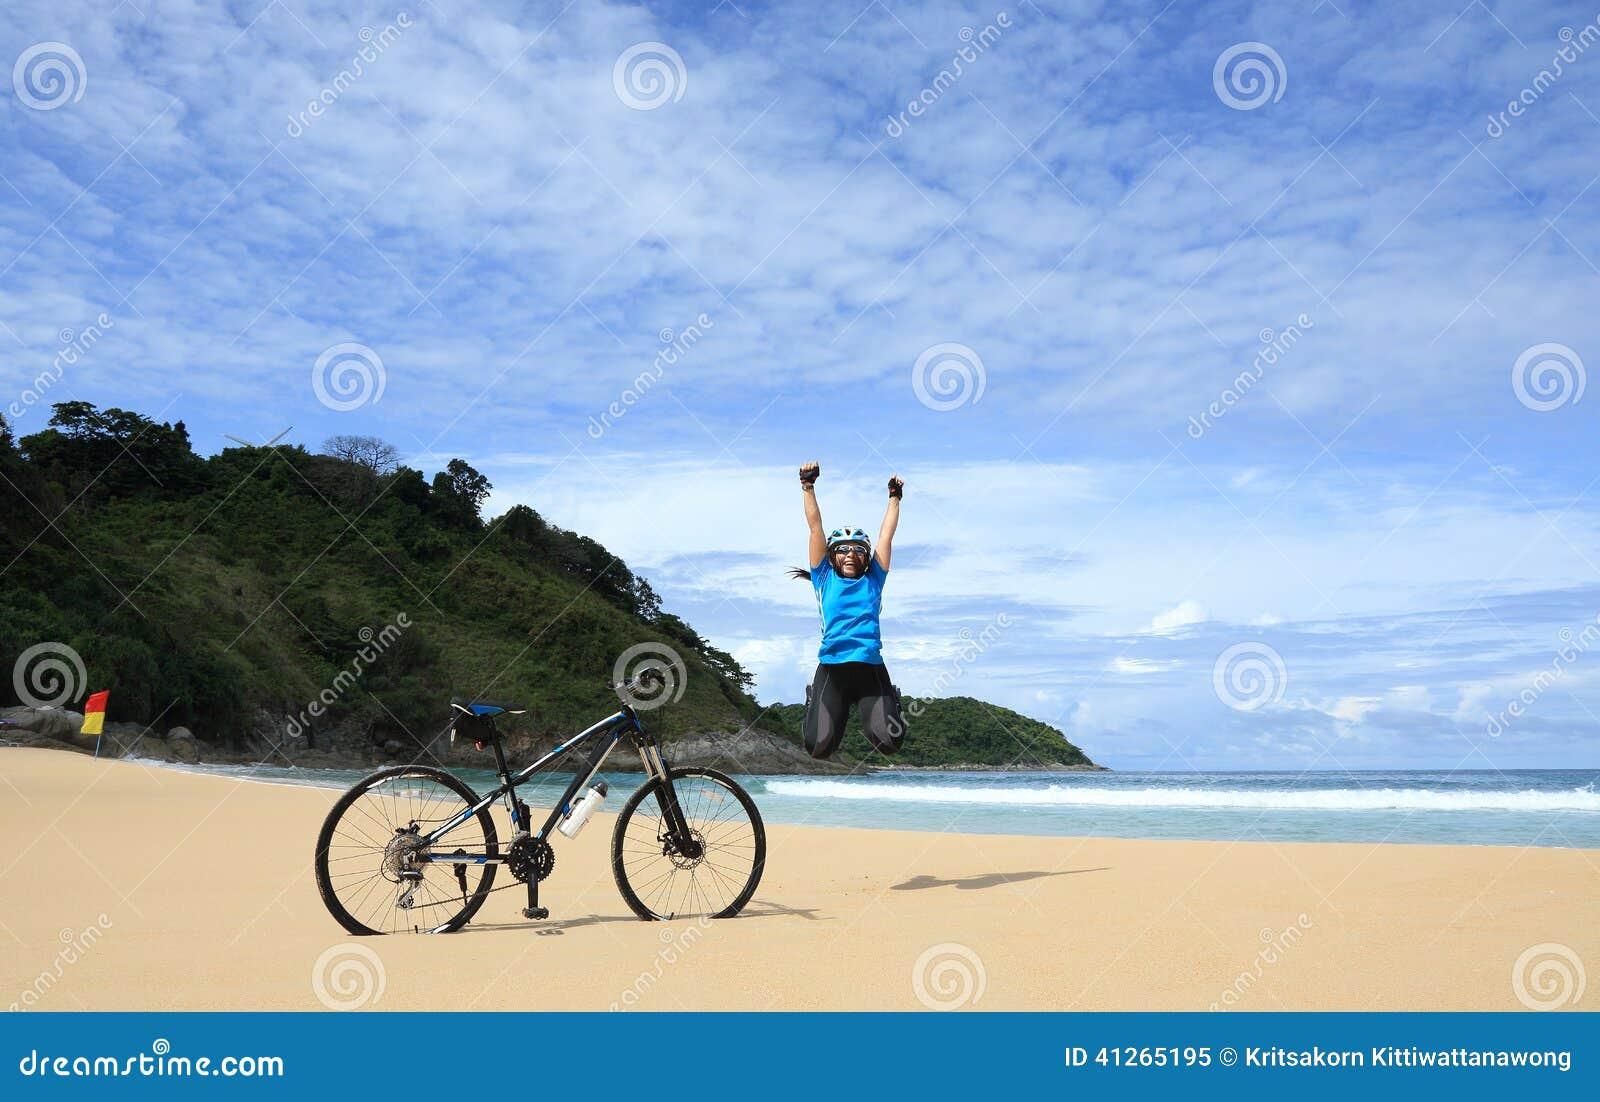 Plażowa szczęśliwa kobieta